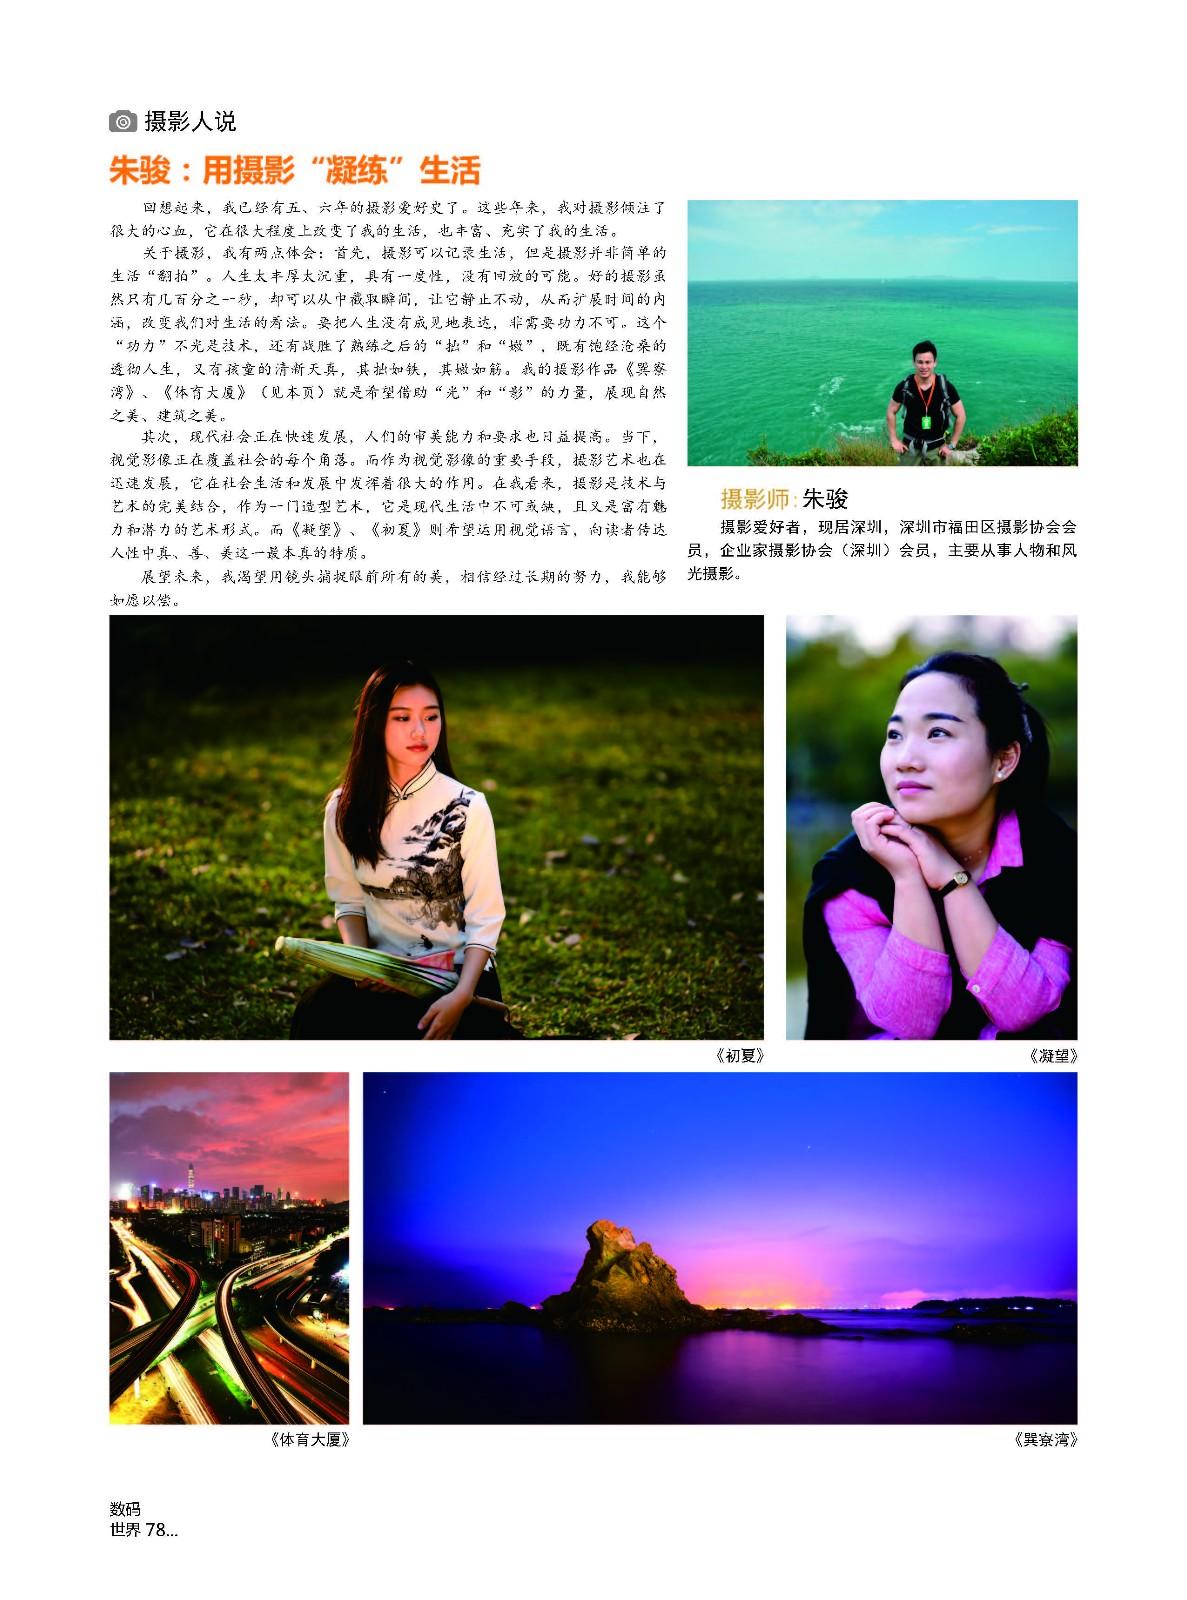 摄影人说,第二届新时代大赛,p78-82_页面_1.jpg